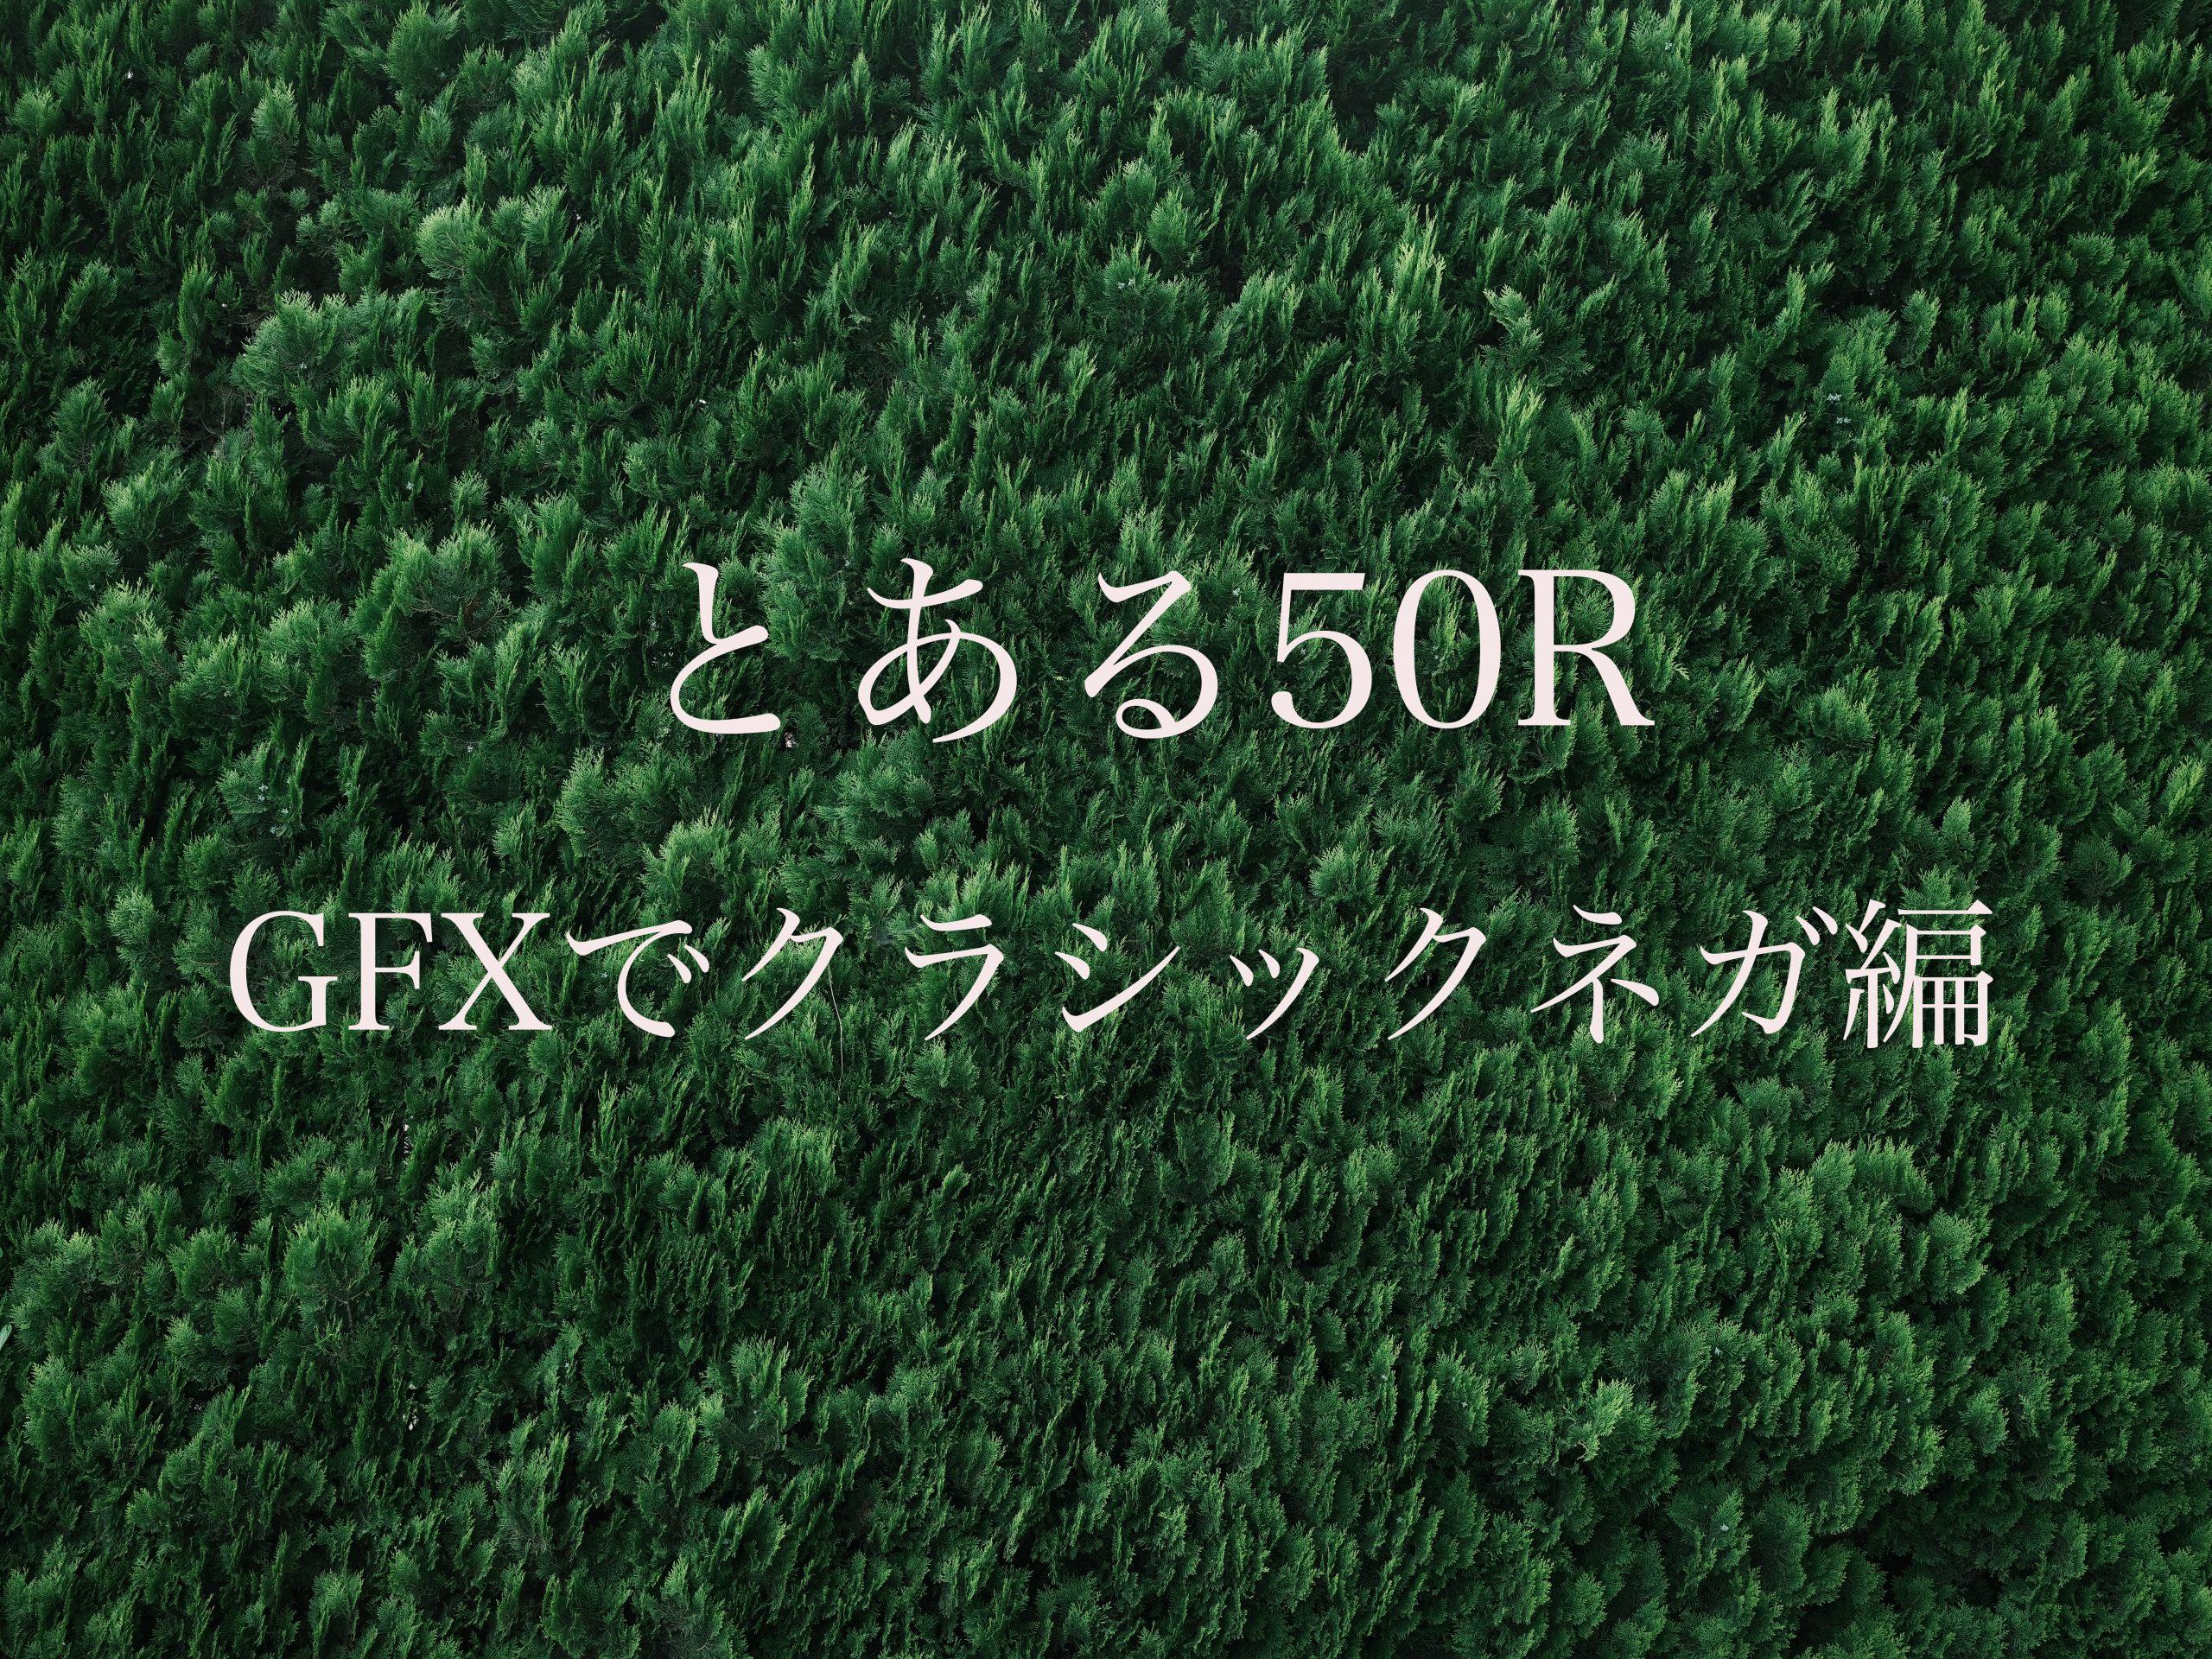 【FUJIFILM】とある50R ~GFXでクラシックネガ編~